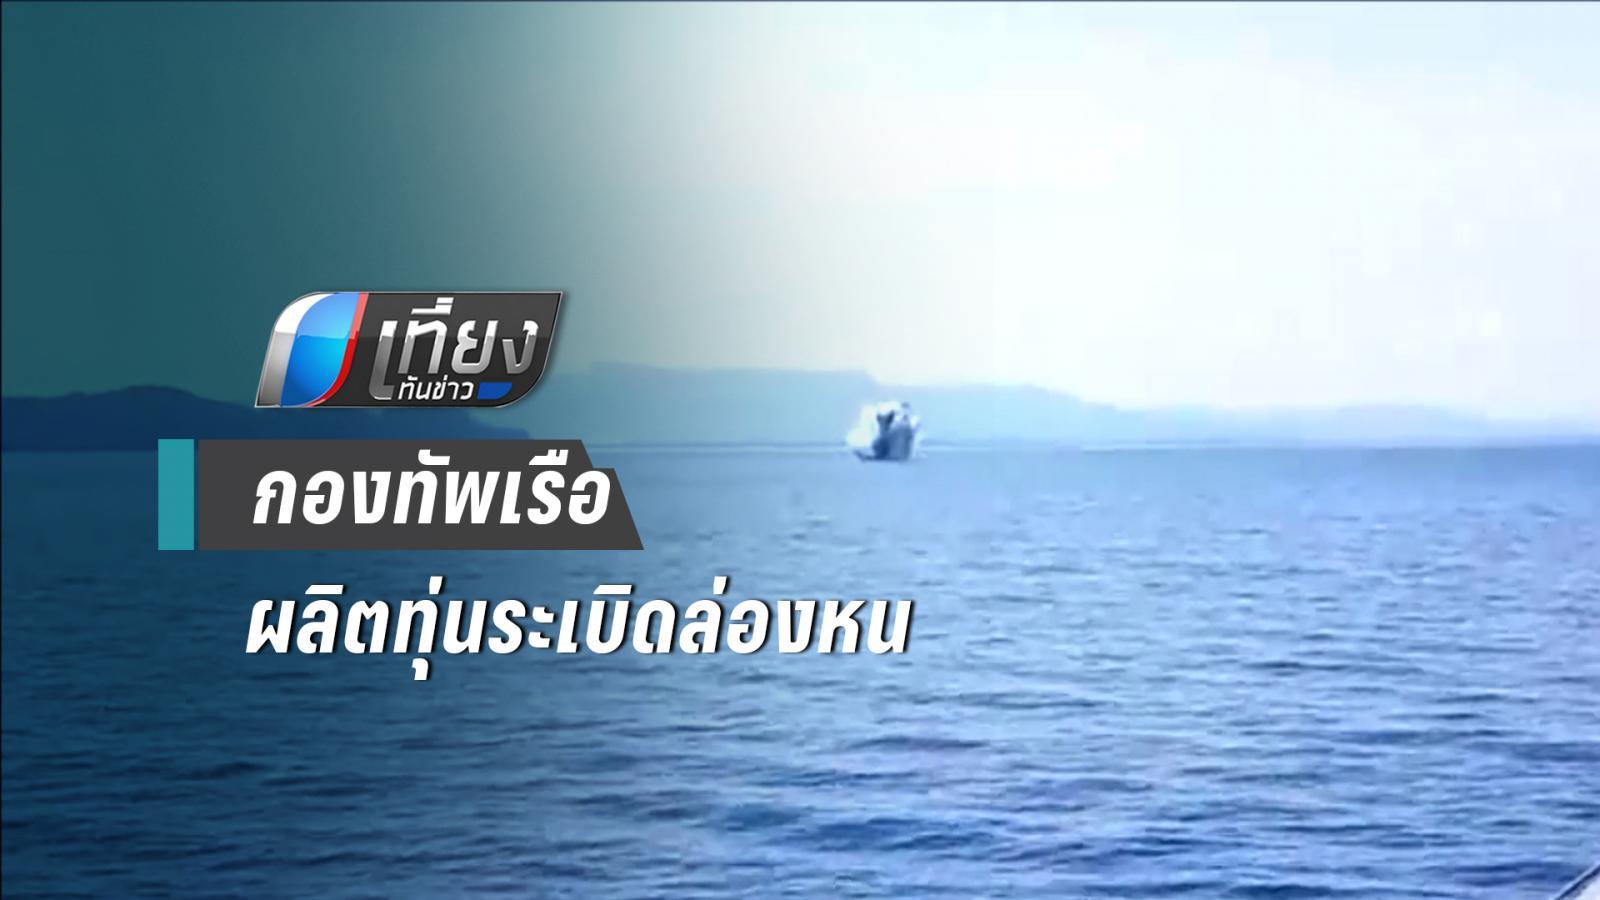 กองทัพเรือผลิตทุ่นระเบิดล่องหน ปราบเรือดำน้ำ